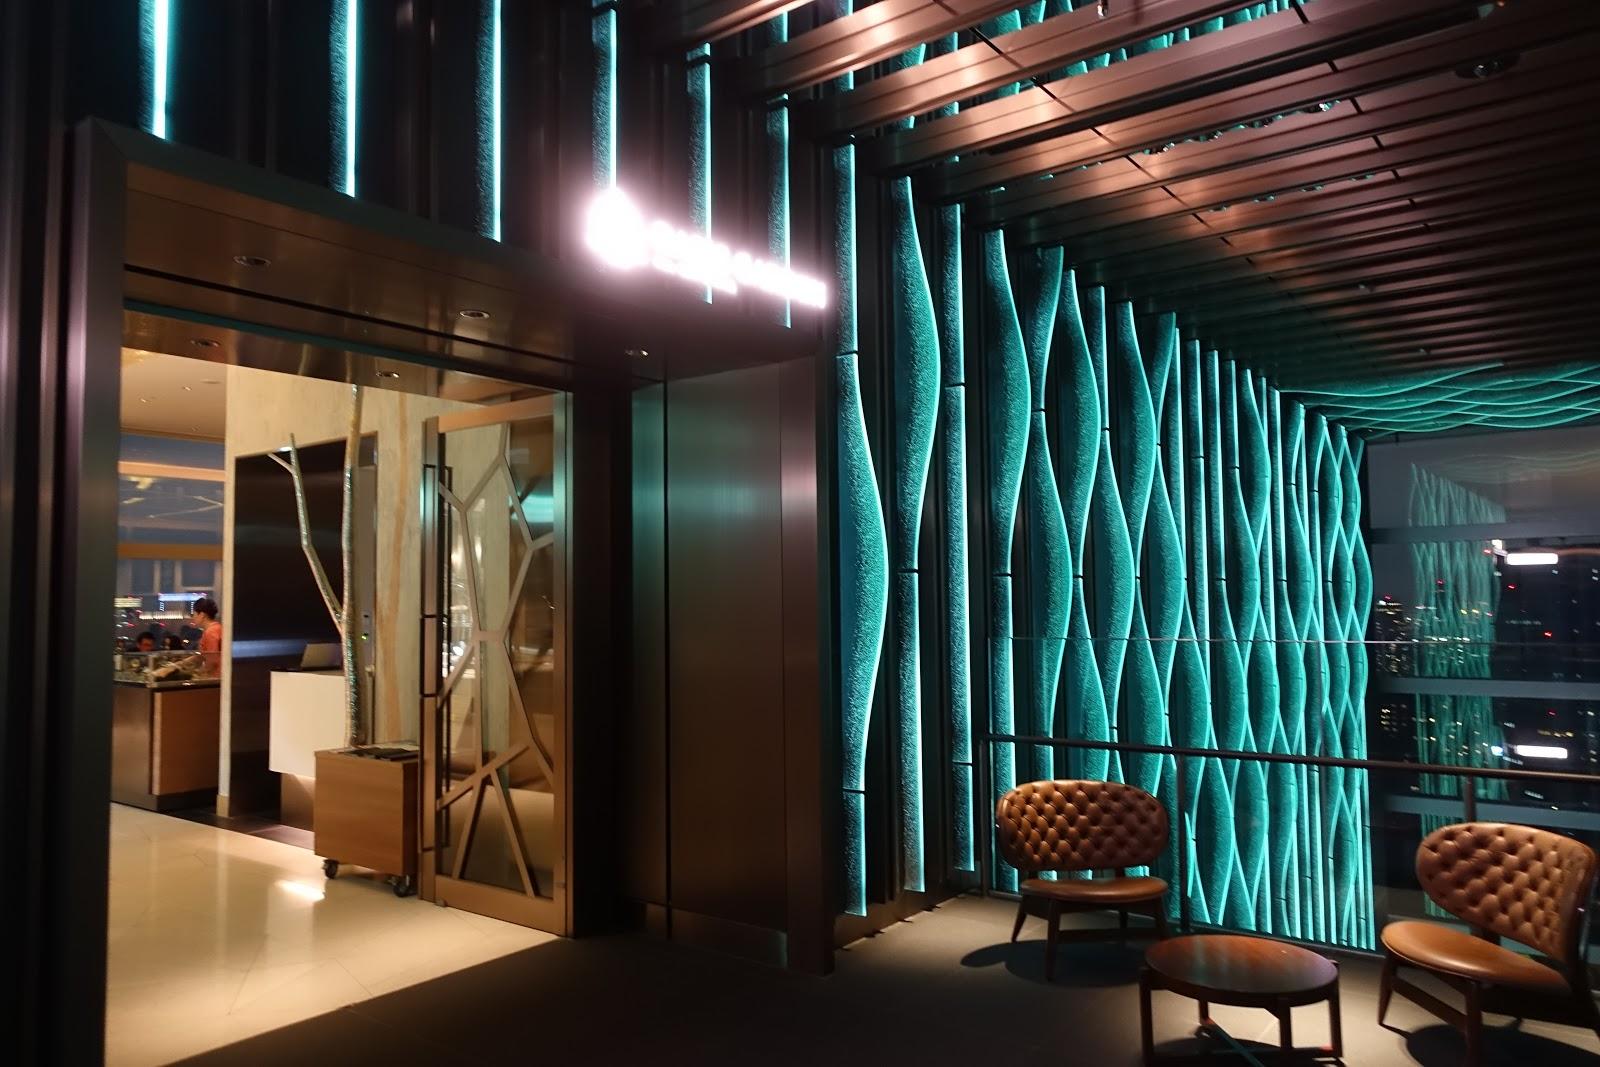 「ザ・プリンスギャラリー 東京紀尾井町,ラグジュアリーコレクションホテル」の画像検索結果